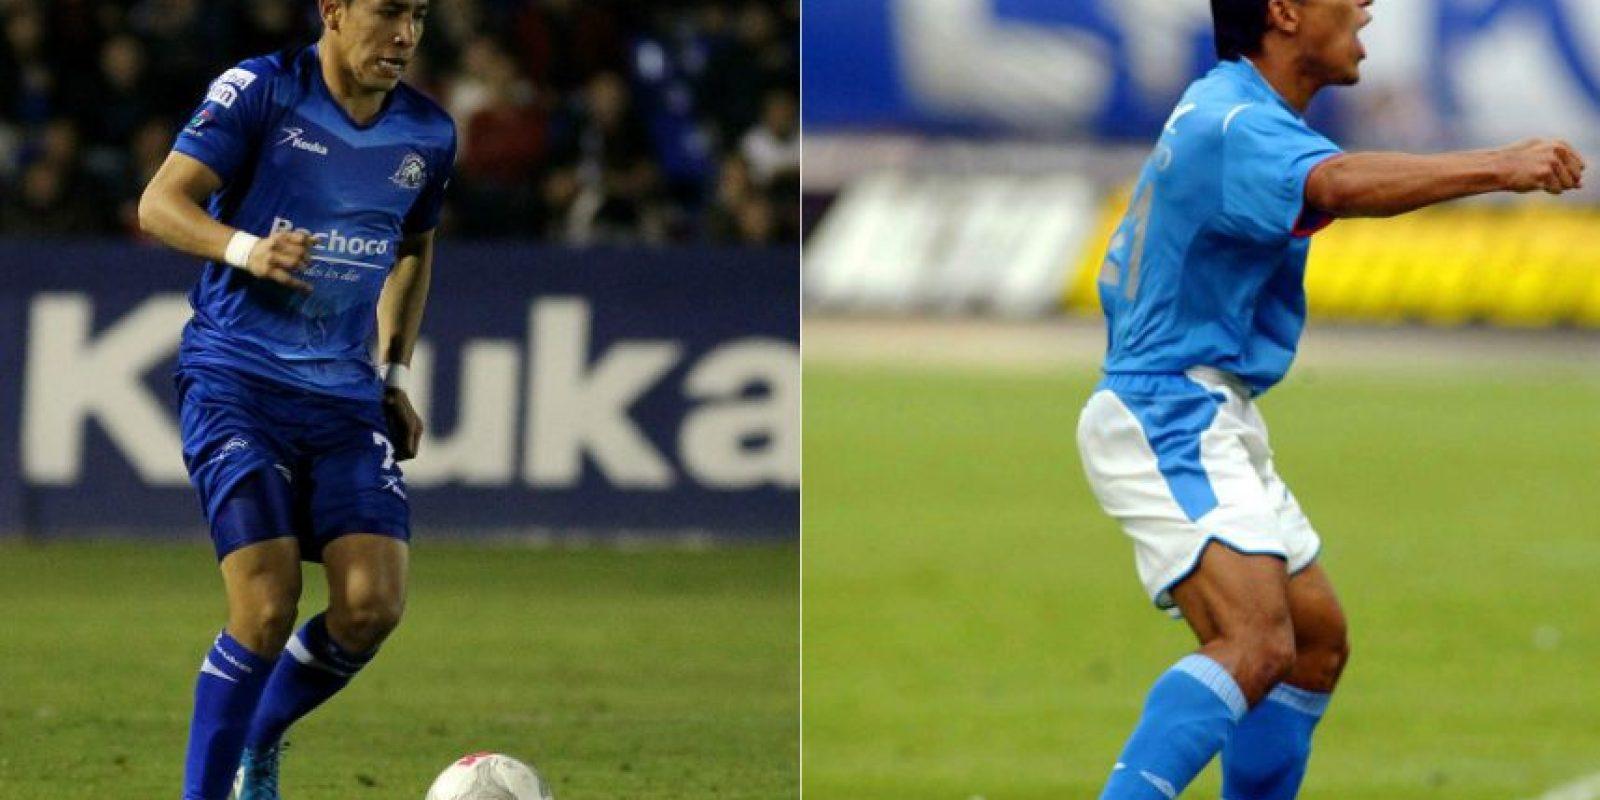 John Javier Restrepo. El colombiano tuvo buenos momentos como jugador de Cruz Azul, incluso llegó a la selección de su país, pero no pudo ser el jugador que marcara la diferencia y los llevara al título. Ahora es jugador del Celaya. Foto:Mexsport